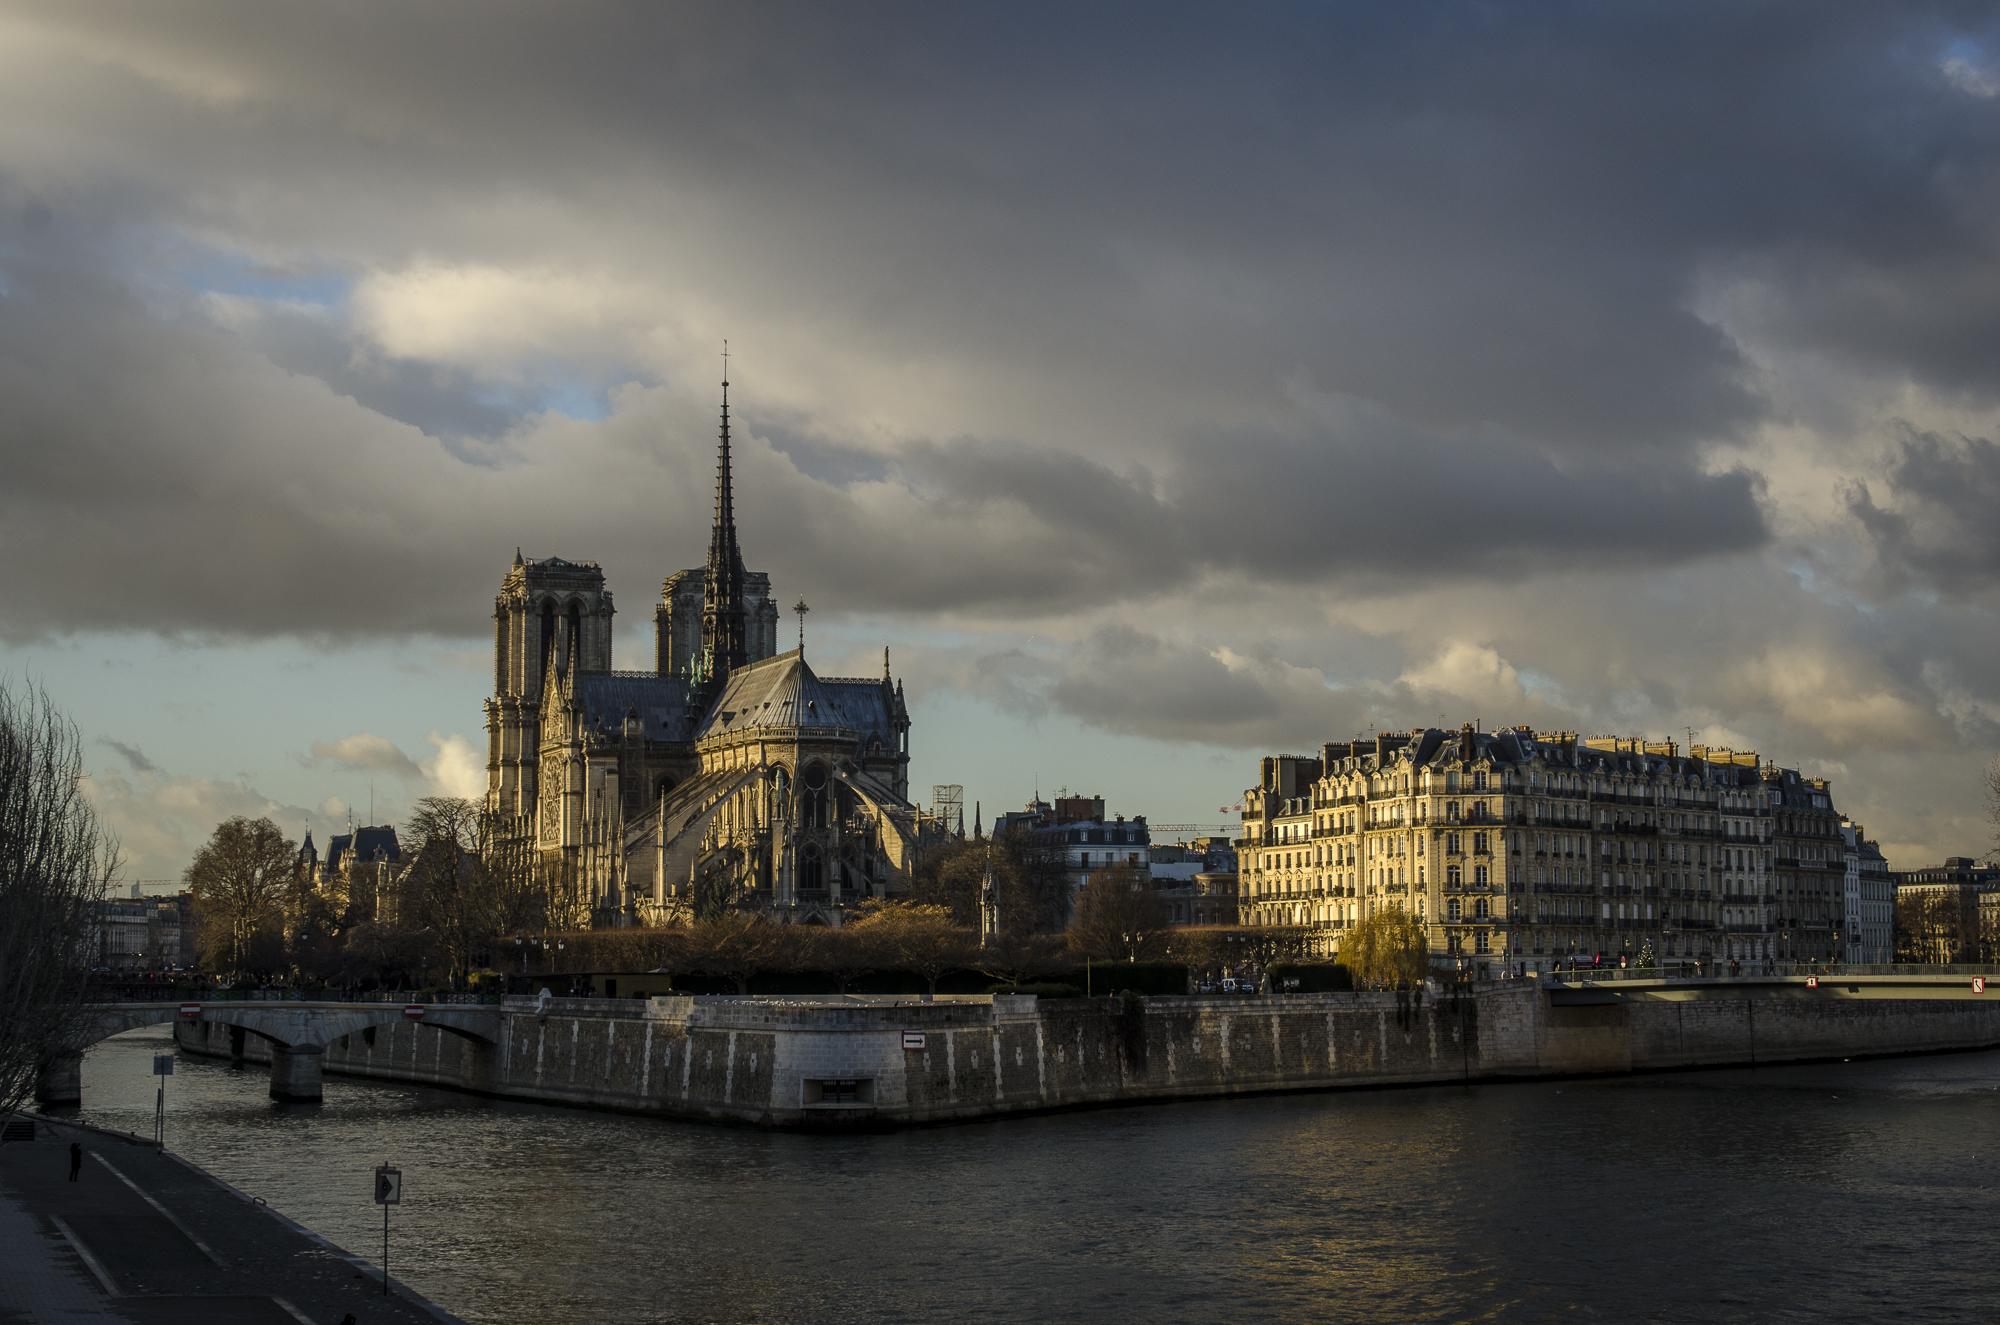 Notre Dame  PHOTOGRAPHY: ALEXANDER J.E. BRADLEY • NIKON D7000 • AF-S NIKKOR 24-70MM Ƒ/2.8G ED @ 38MM • Ƒ/8 • 1/250 • ISO 100